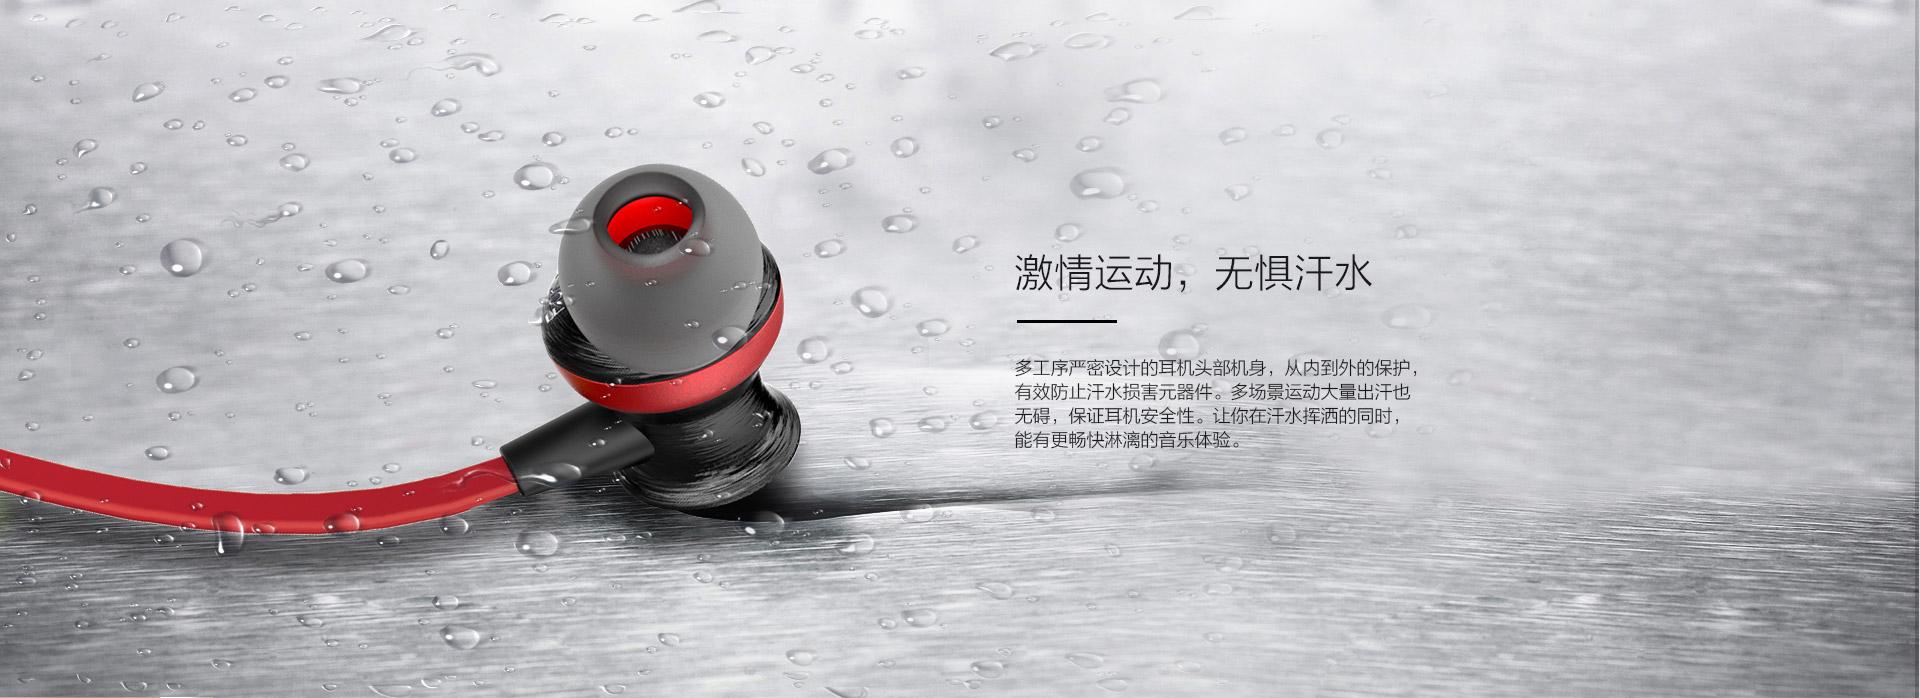 防水-智能运动蓝牙耳机A980BL